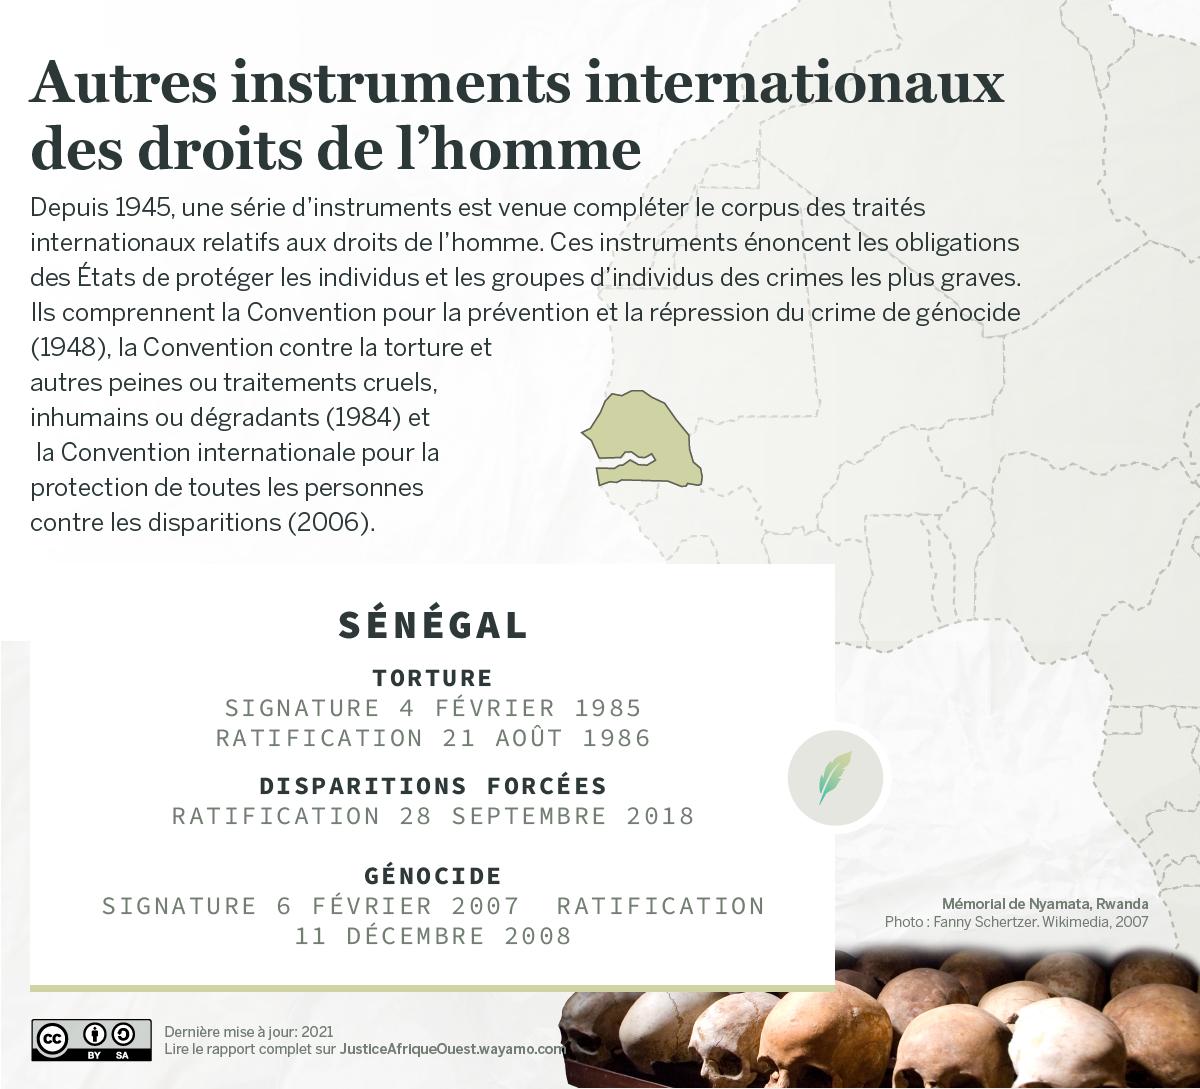 SENEGAL_Droits de l'homme_1 - Wayamo Foundation (CC BY-SA 4.0)